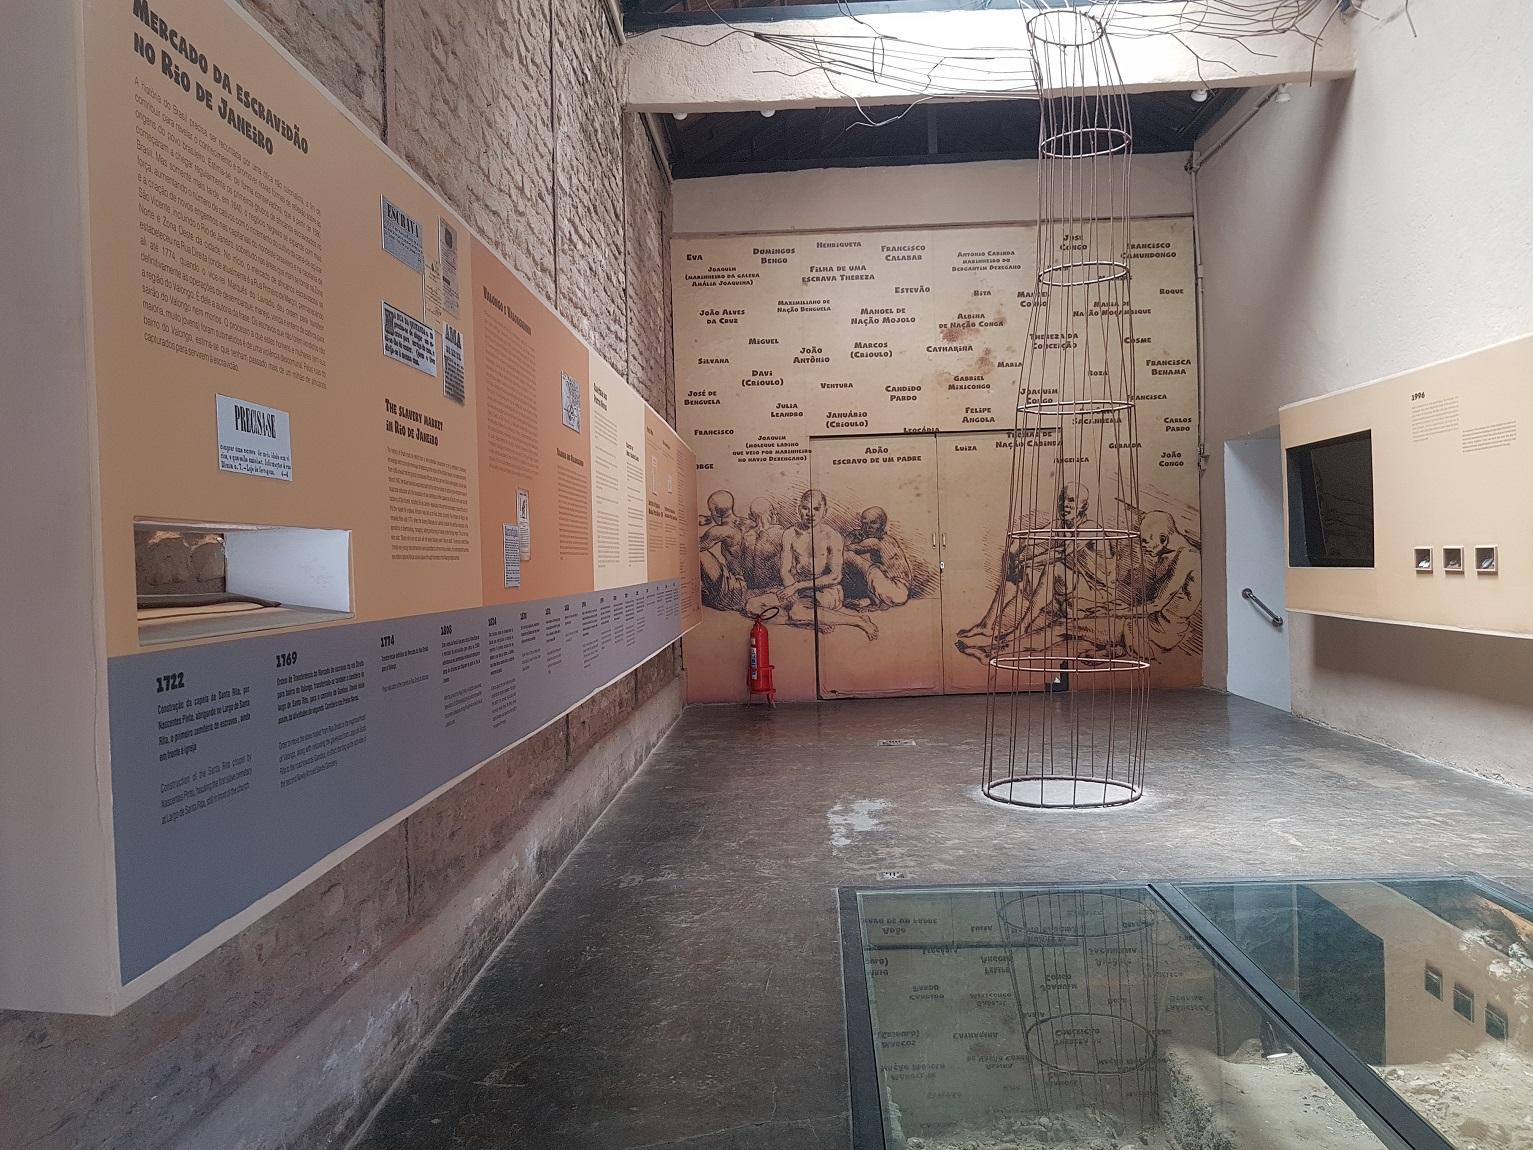 Instituto dos Pretos Novos, onde foram encontrados, a partir de 1994, restos mortais de centenas de escravos que morreram na travessia do Atlântico. Foto Oscar Valporto